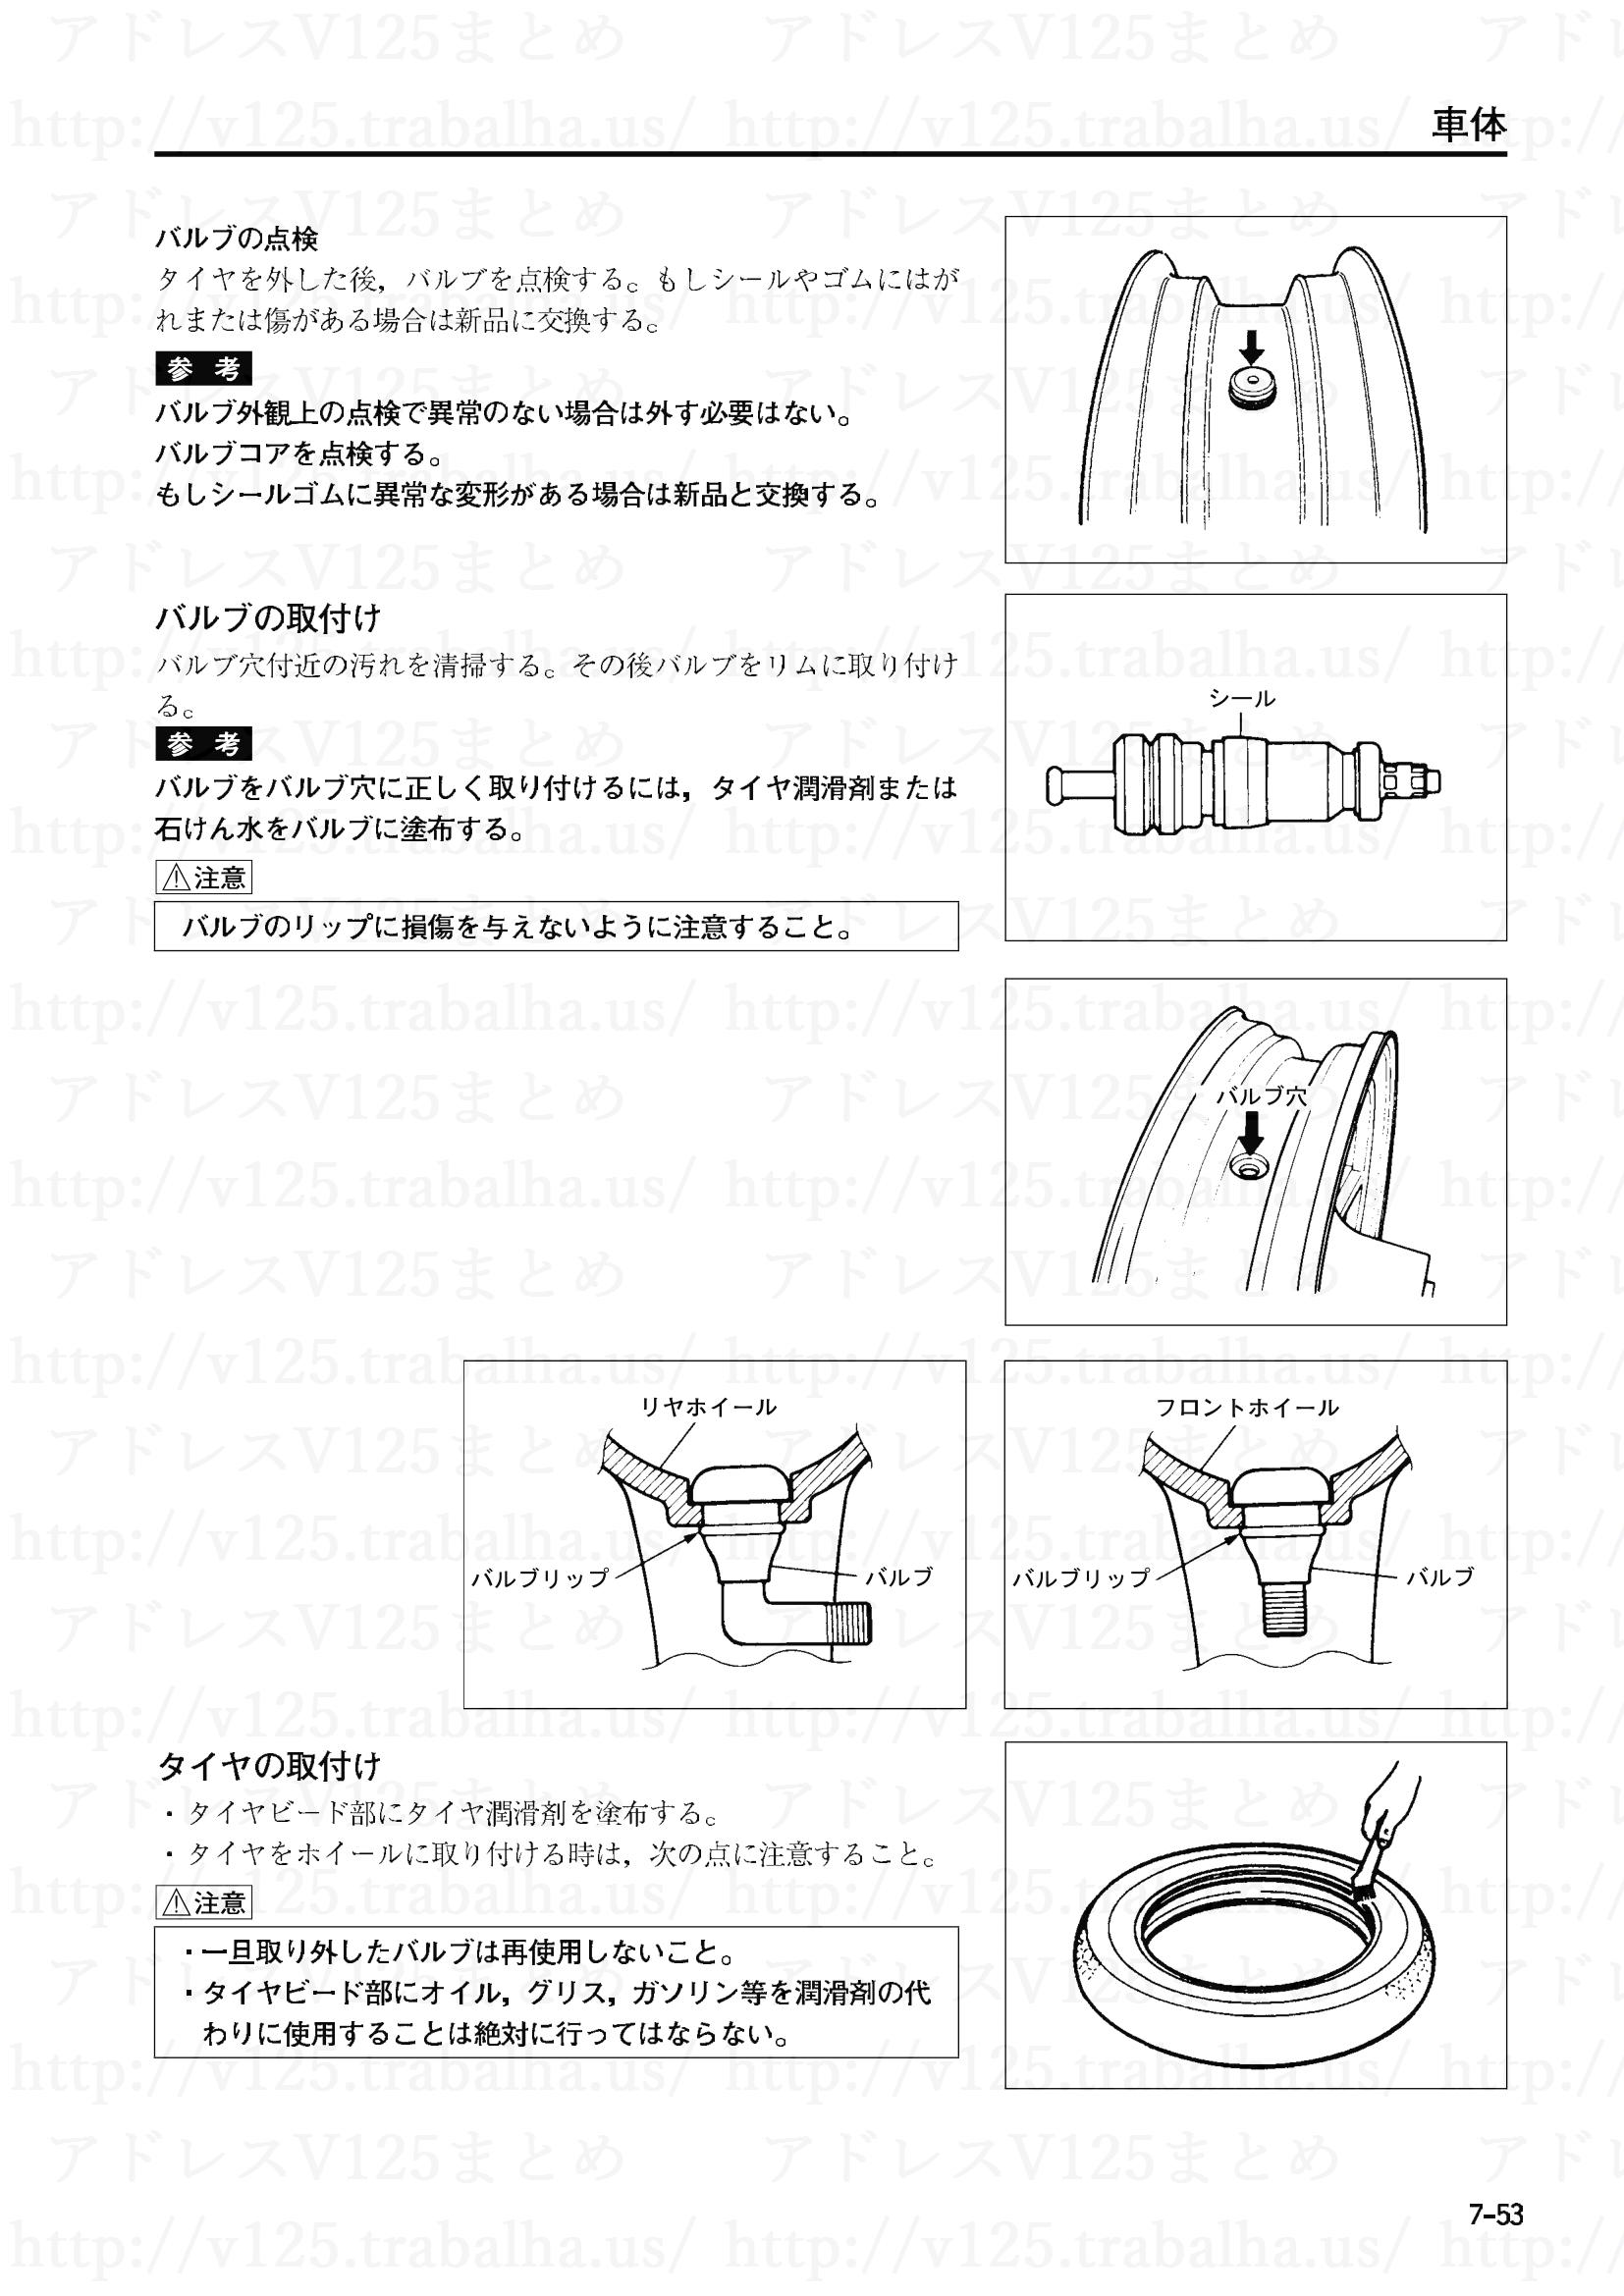 7-53【車体】タイヤの取付け1